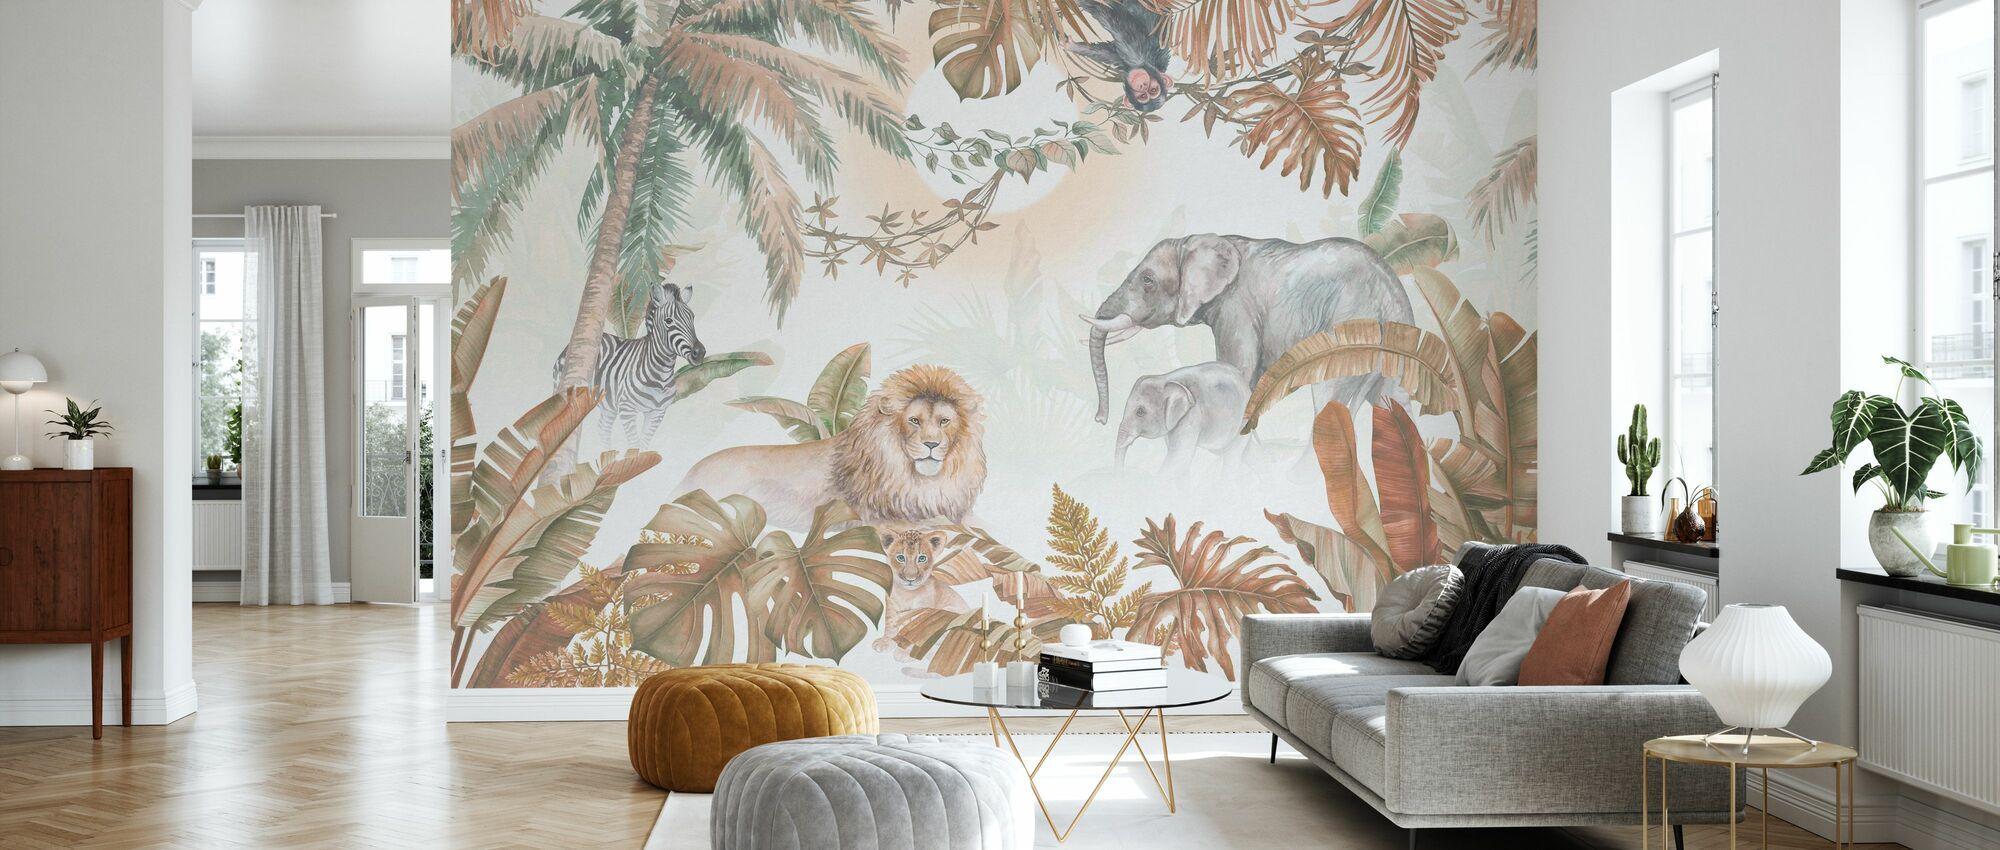 Dschungeltiere - Haselnuss - Tapete - Wohnzimmer